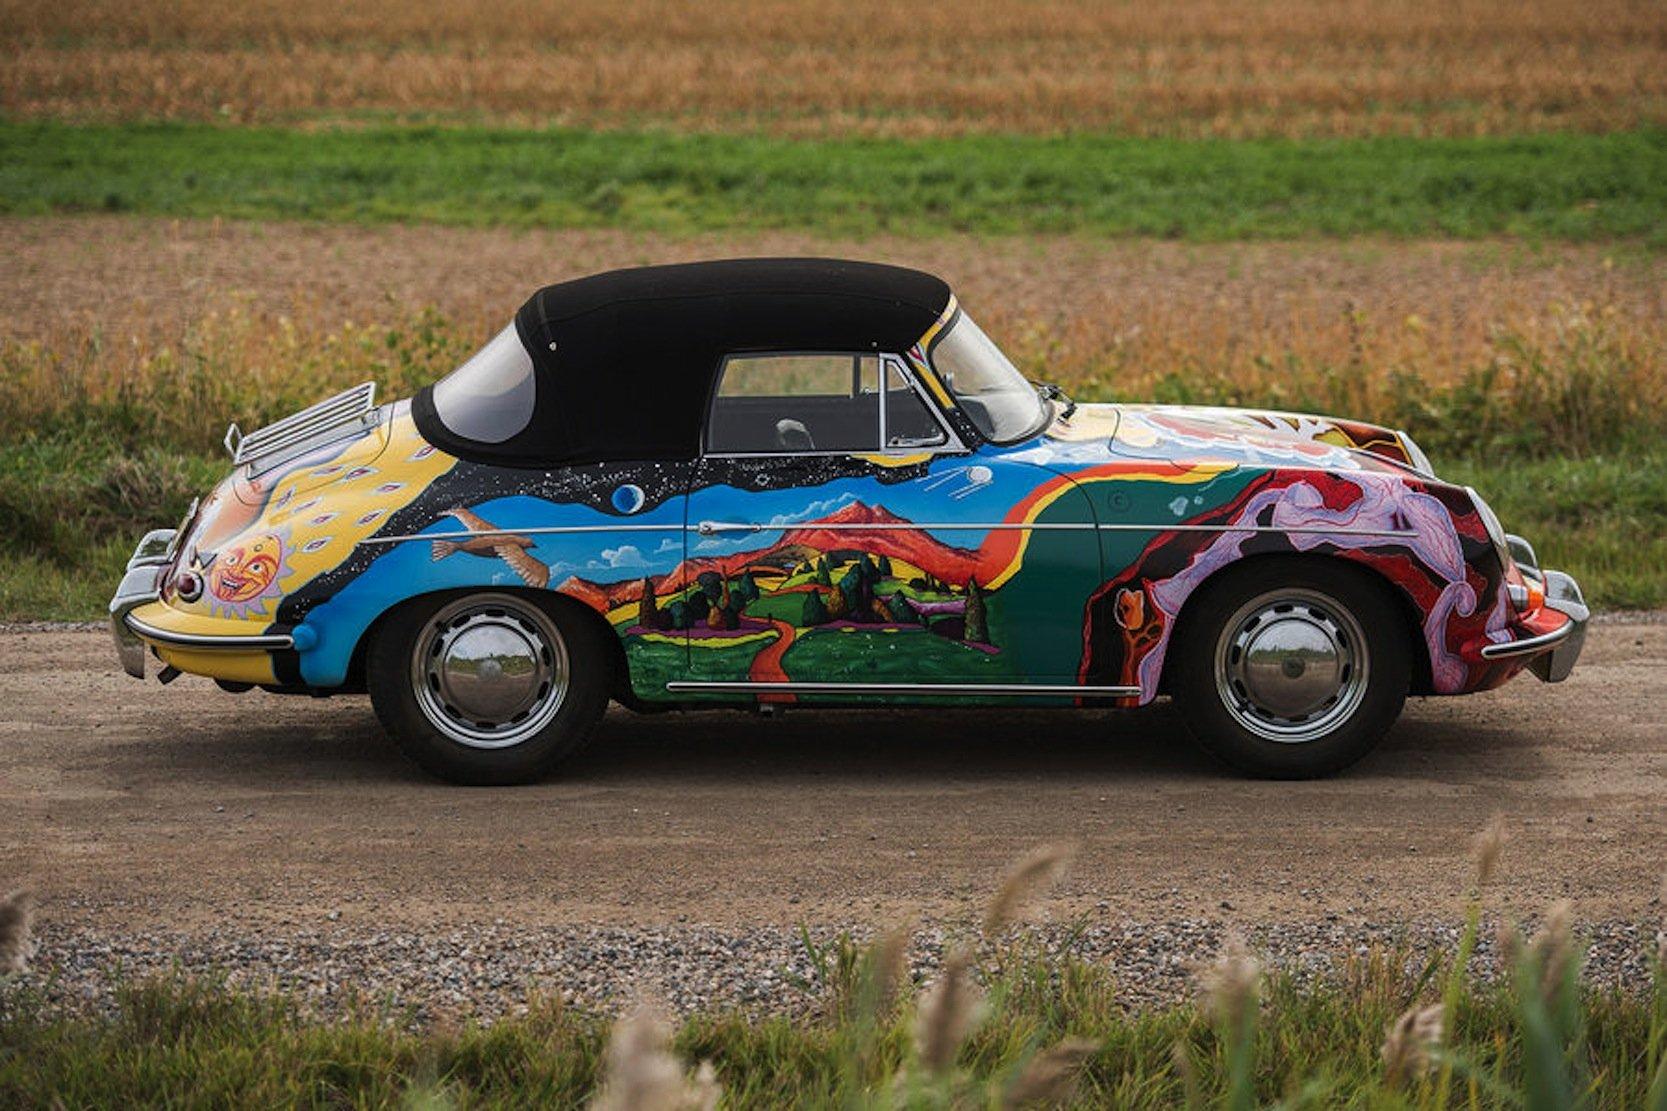 Auf der rechten Seite des Joplin-Porsches ist die kalifornische Bergwelt aufgemalt.